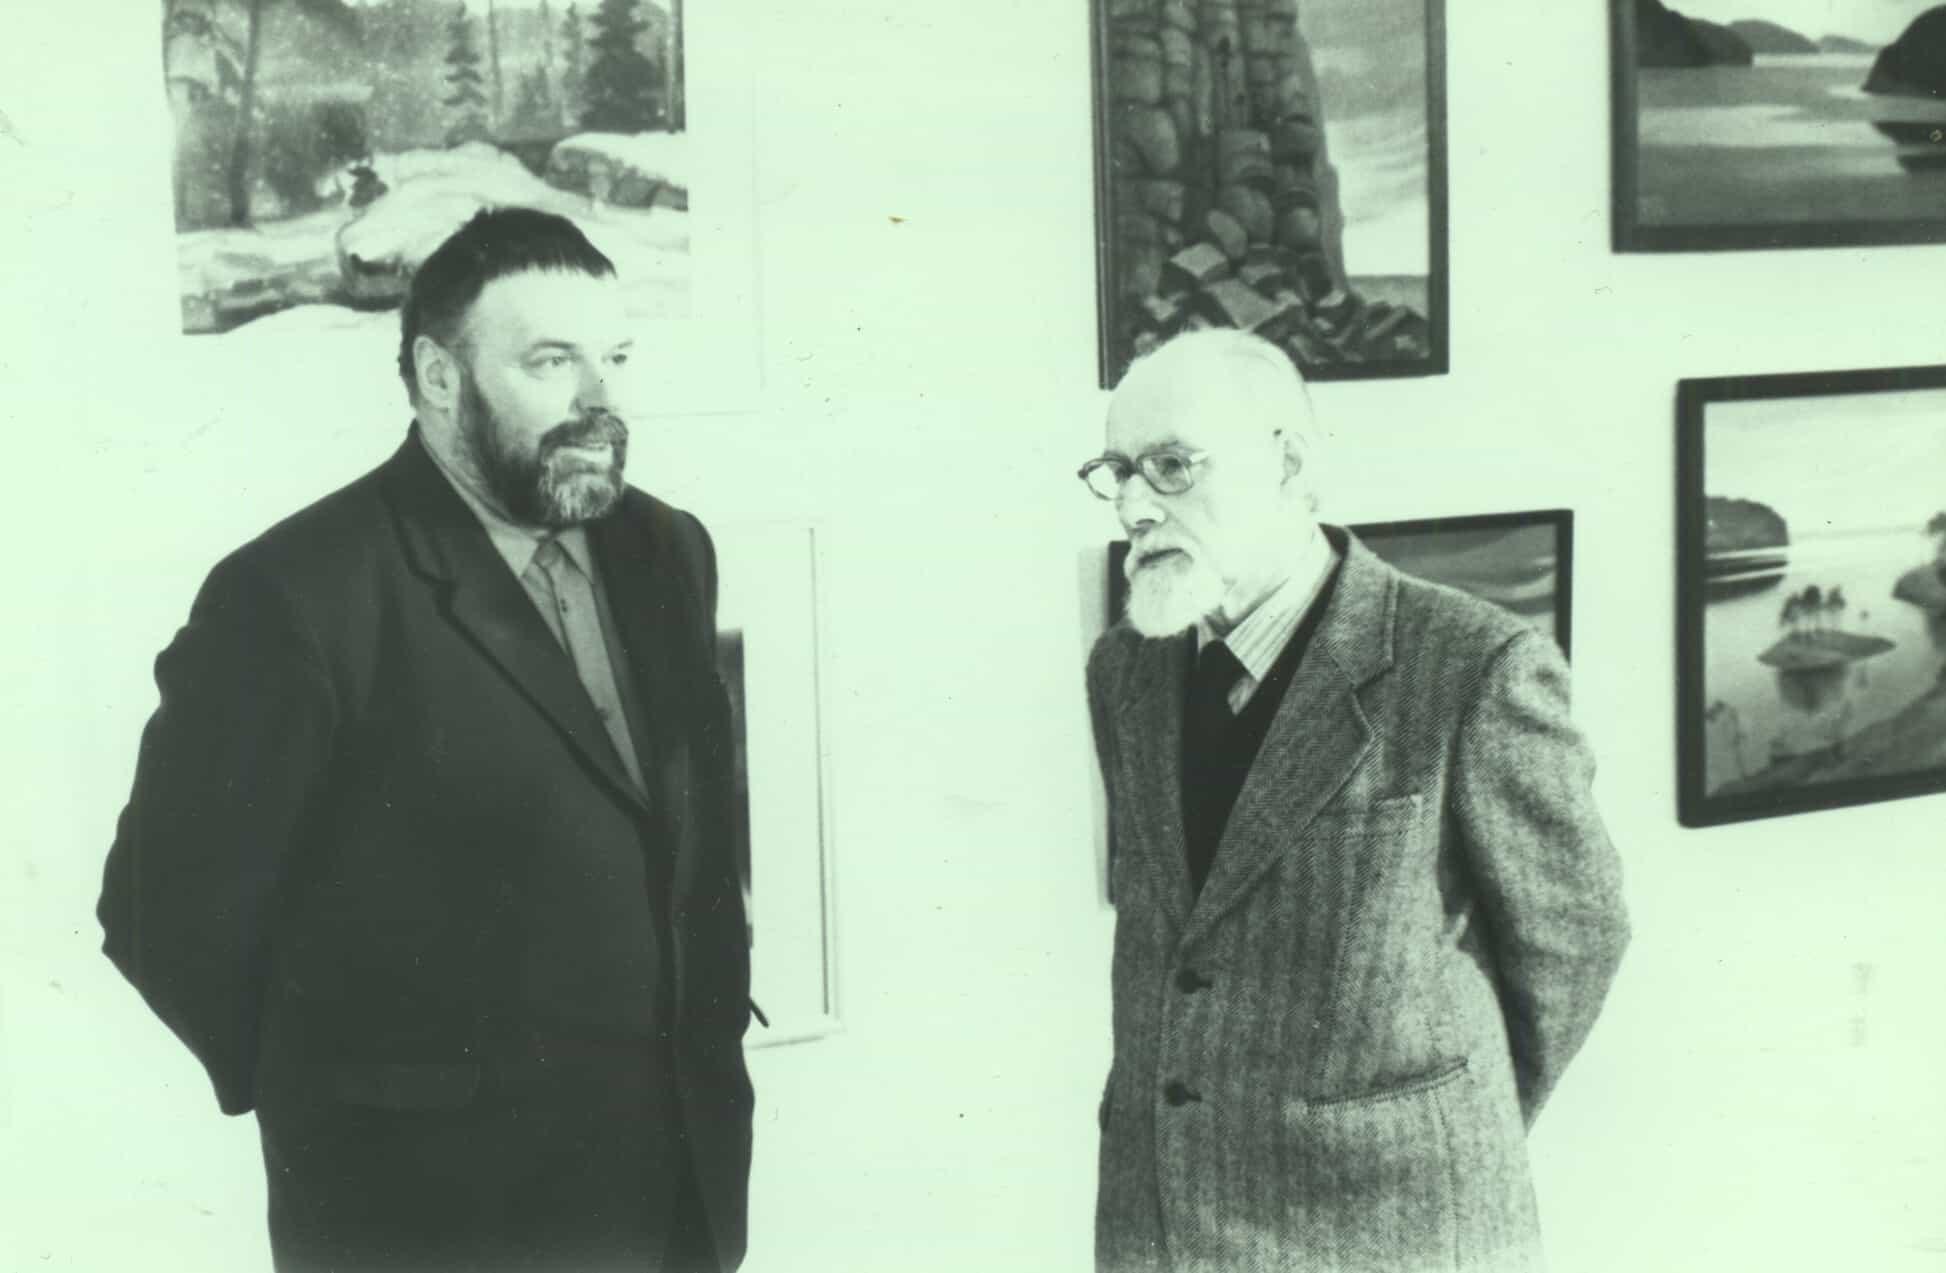 Ю.В. Линник и Б.А. Смирнов-Русецкий на выставке художника. Музей ИЗО РК. 3 марта 1987 г. Фото Д. Москина